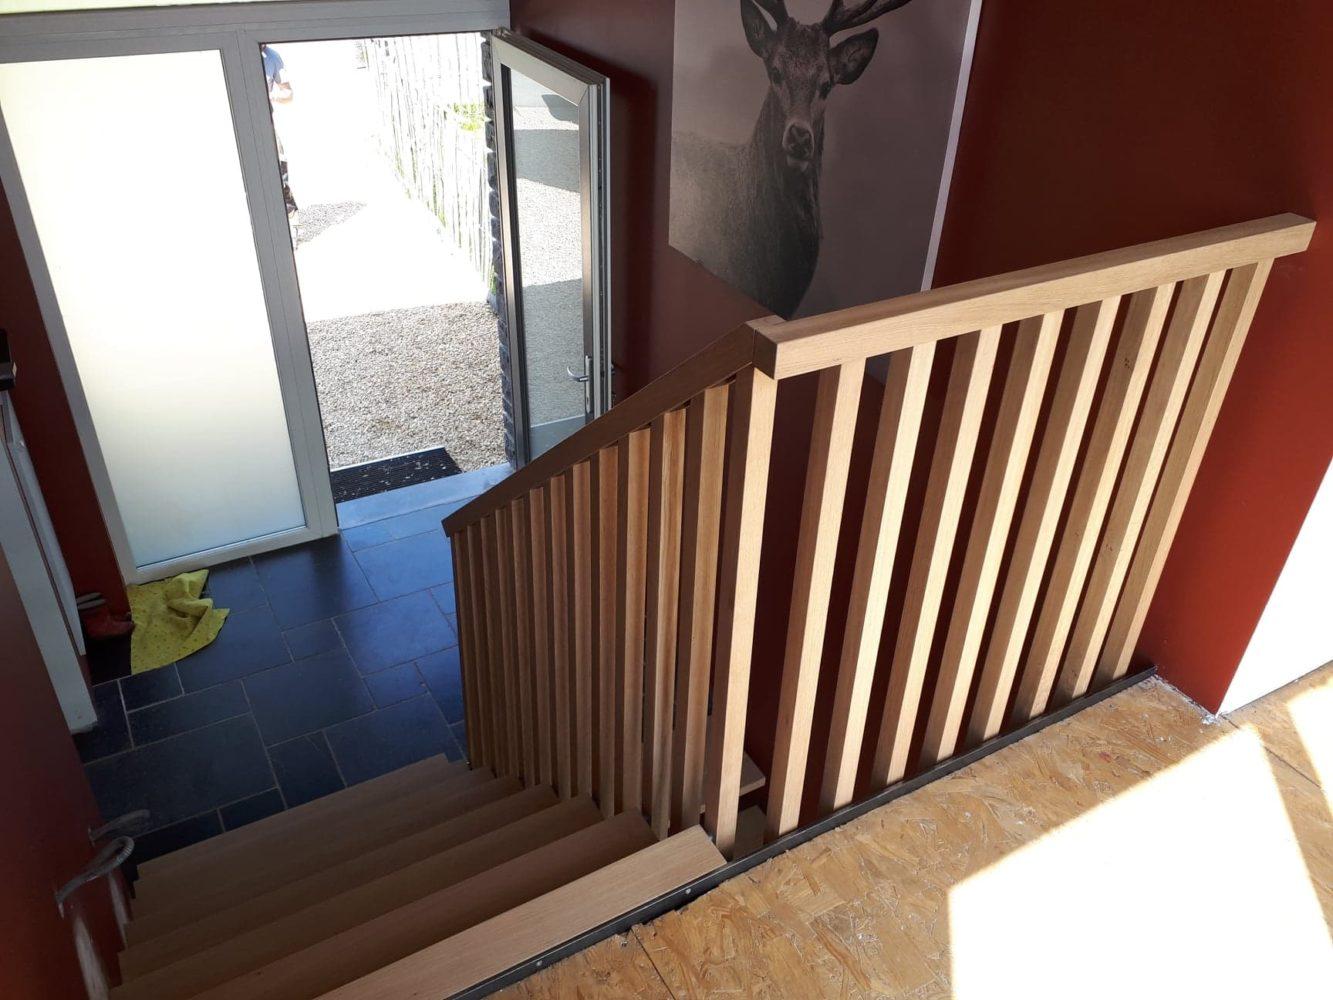 Escalier En Bois Avec Rangement tendance bois - menuiserie et mobilier bois | escalier bois